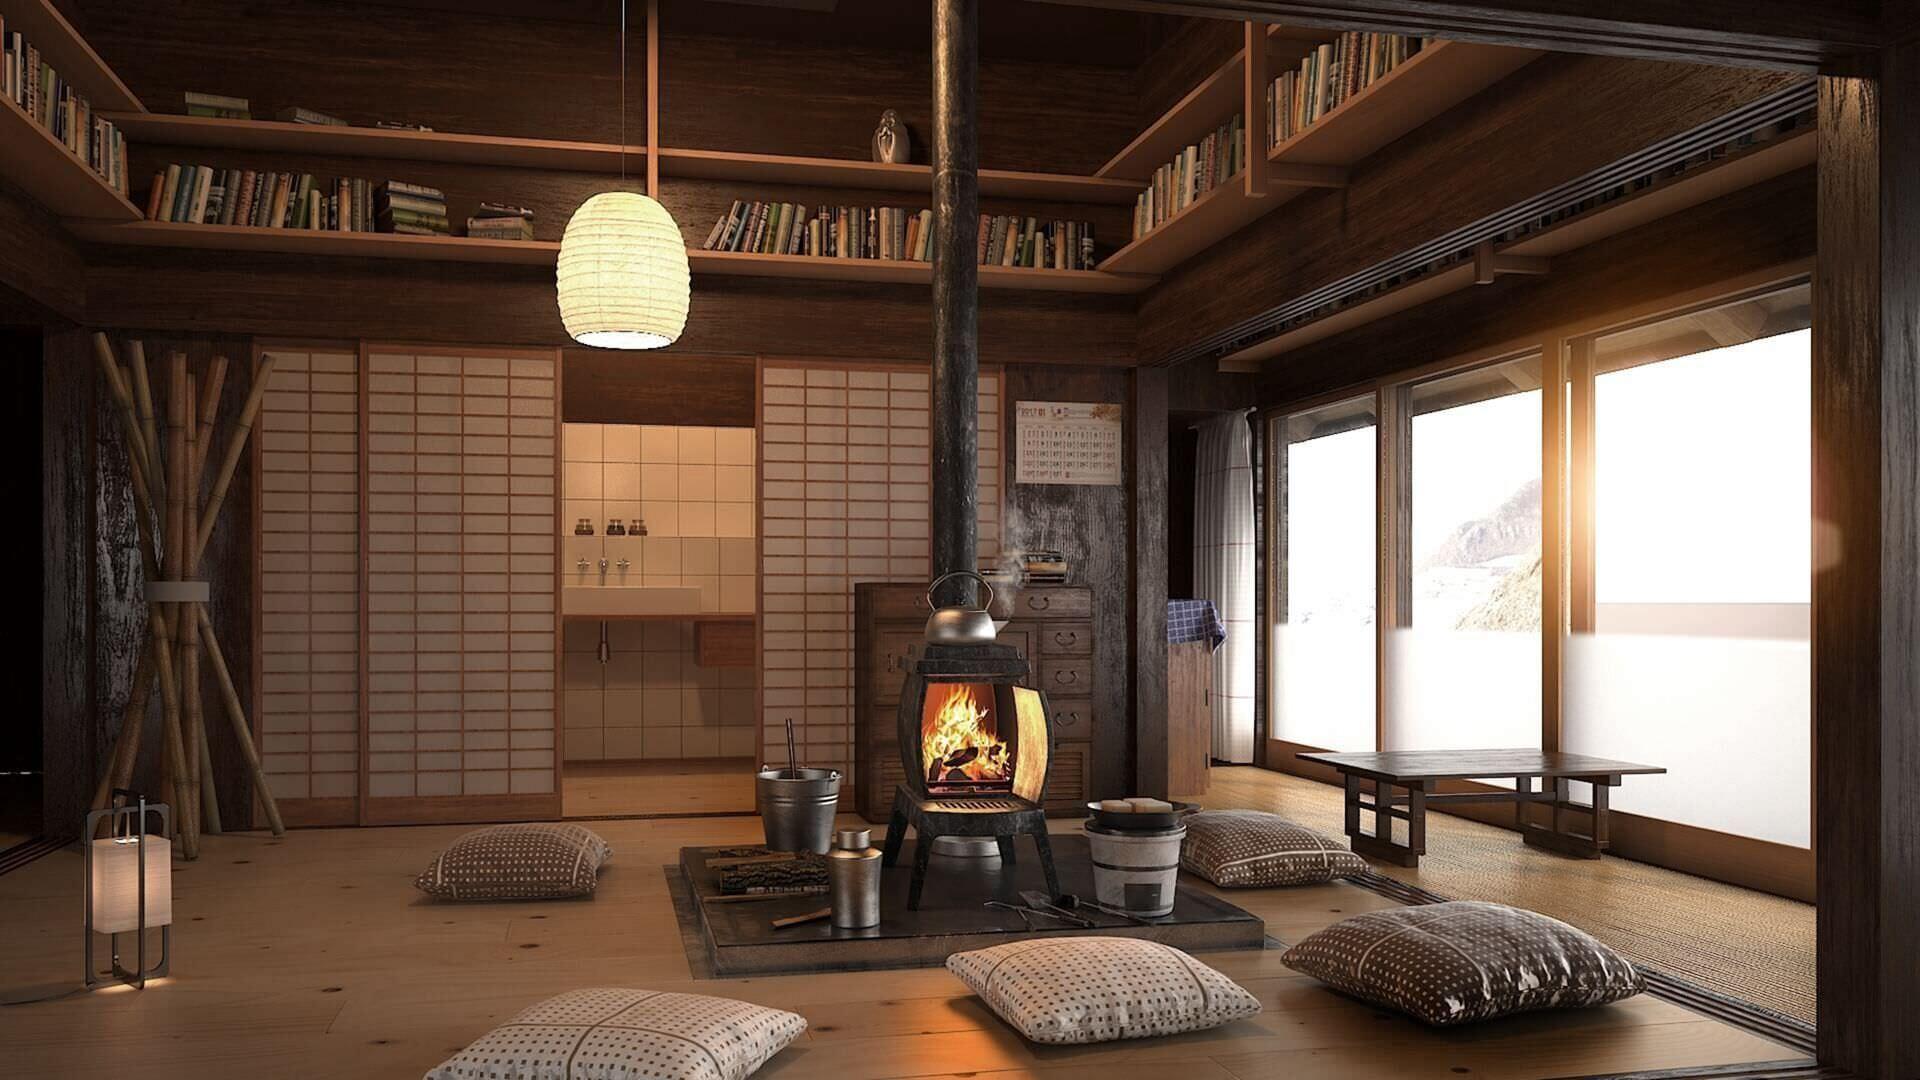 Thiết kế phòng khách đơn giản mà ấm cúng với tông màu gỗ trầm